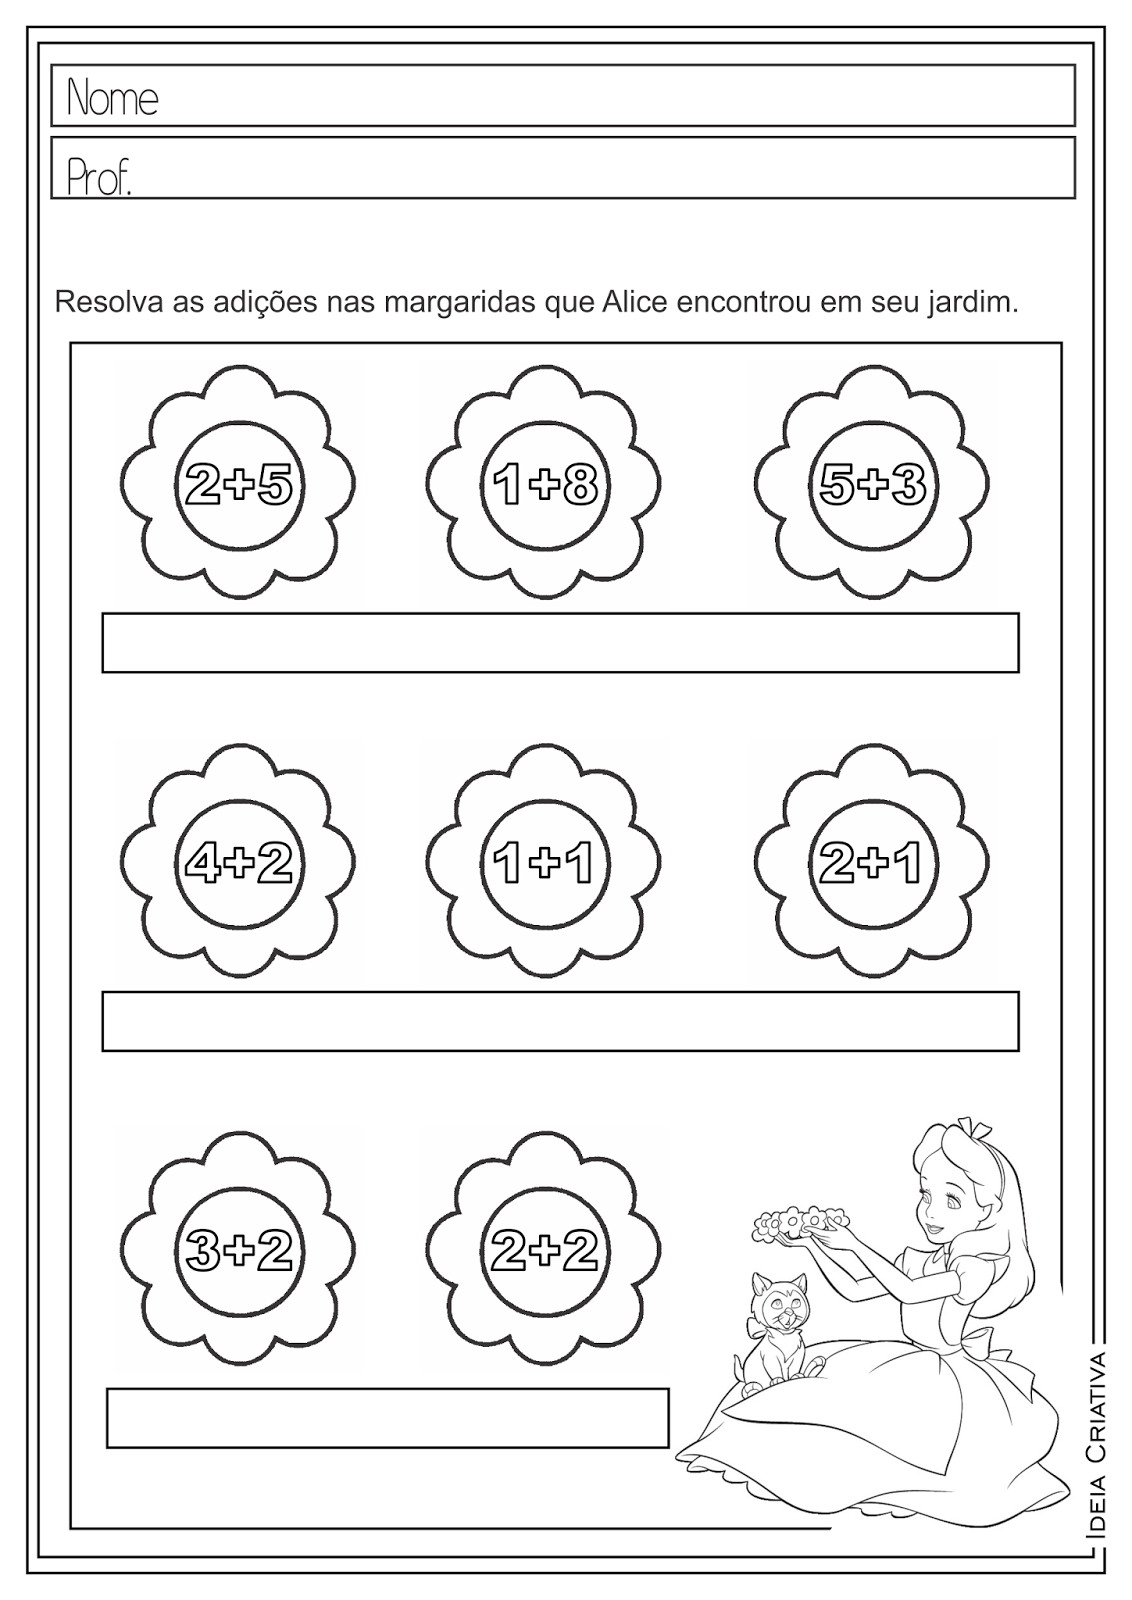 Atividades Educativas Matemática Operações Básicas (Adição e Multiplicação) Alice no País das Maravilhas para Ensino Fundamental